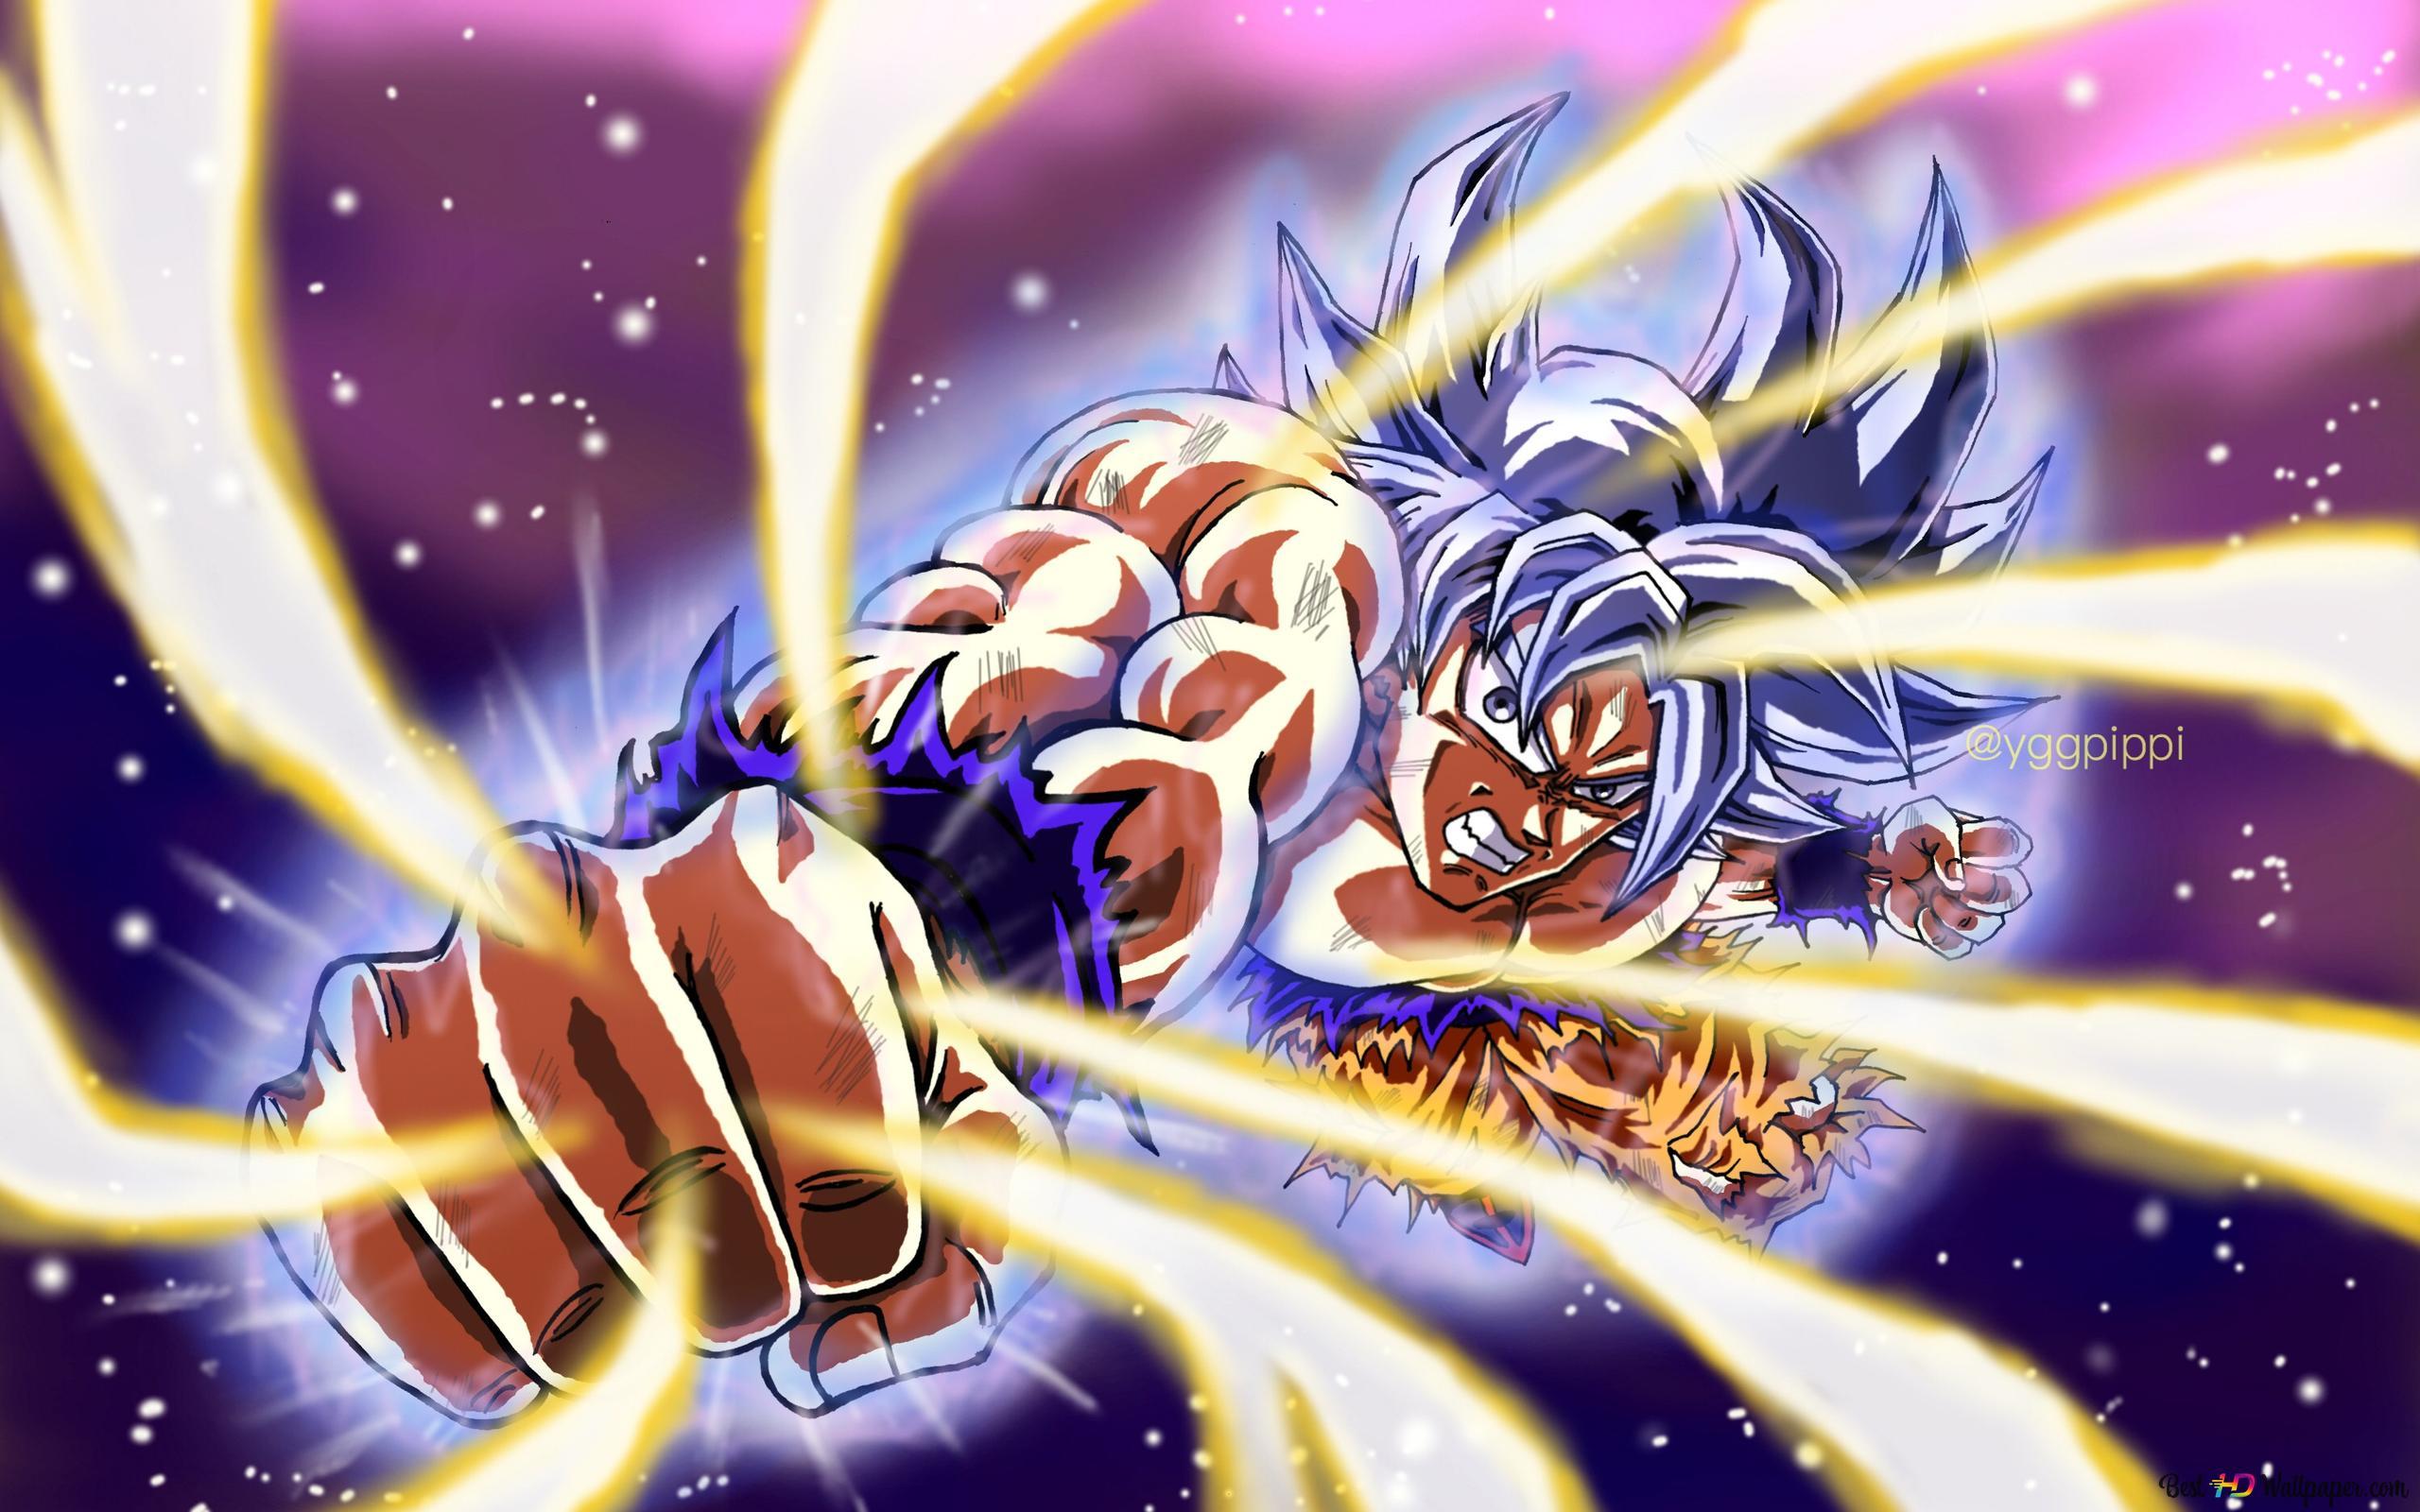 Descargar Fondo De Pantalla Dragon Ball Super Goku Ultra